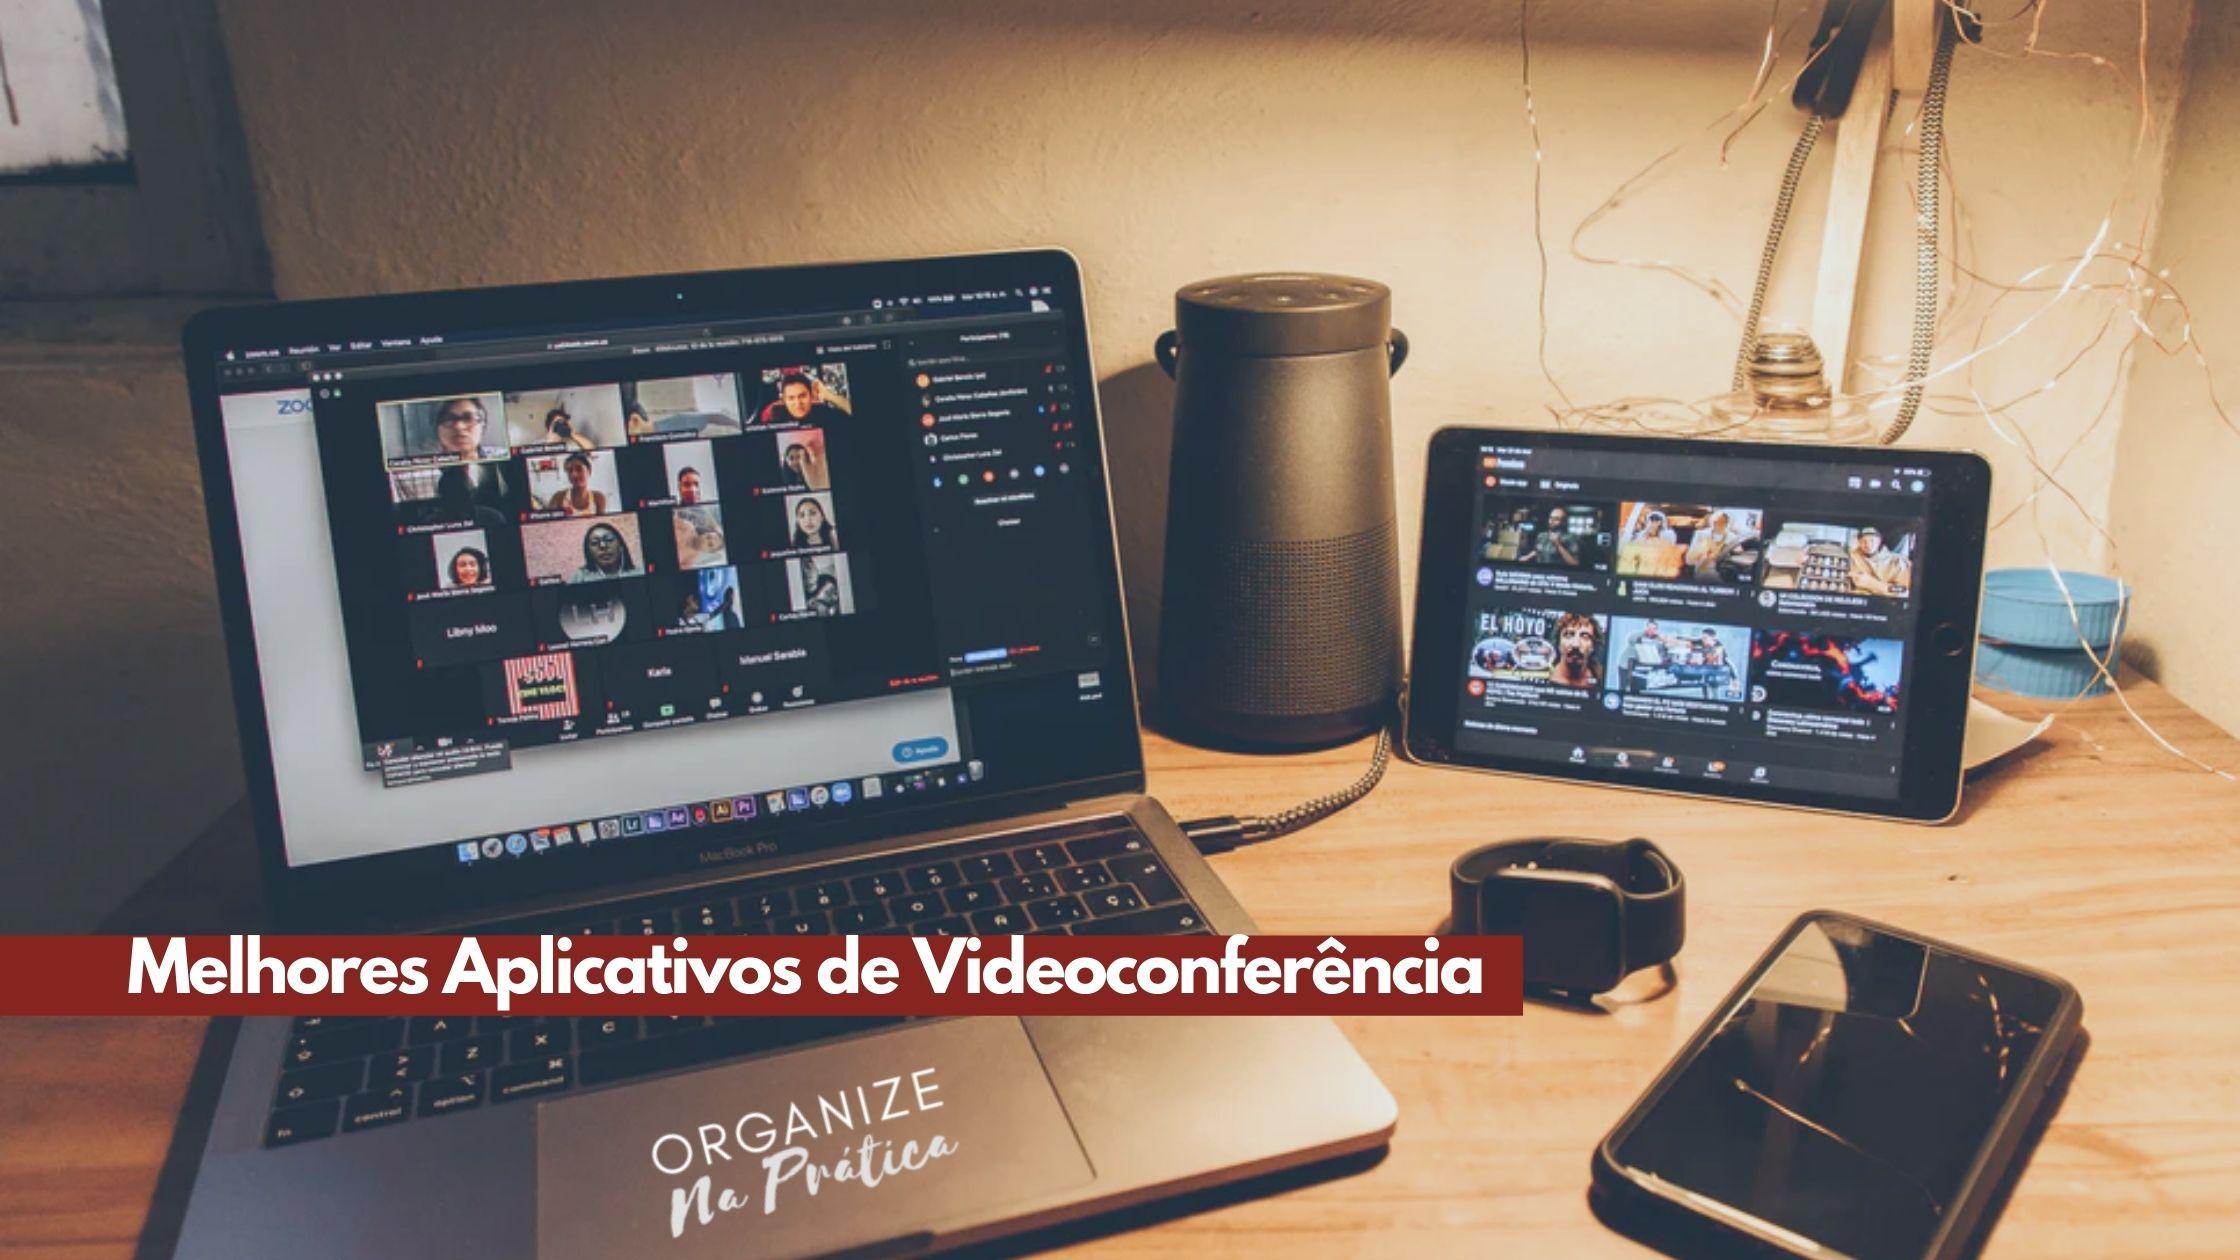 Aplicativos de Videoconferência: conheça os 3 melhores de 2020